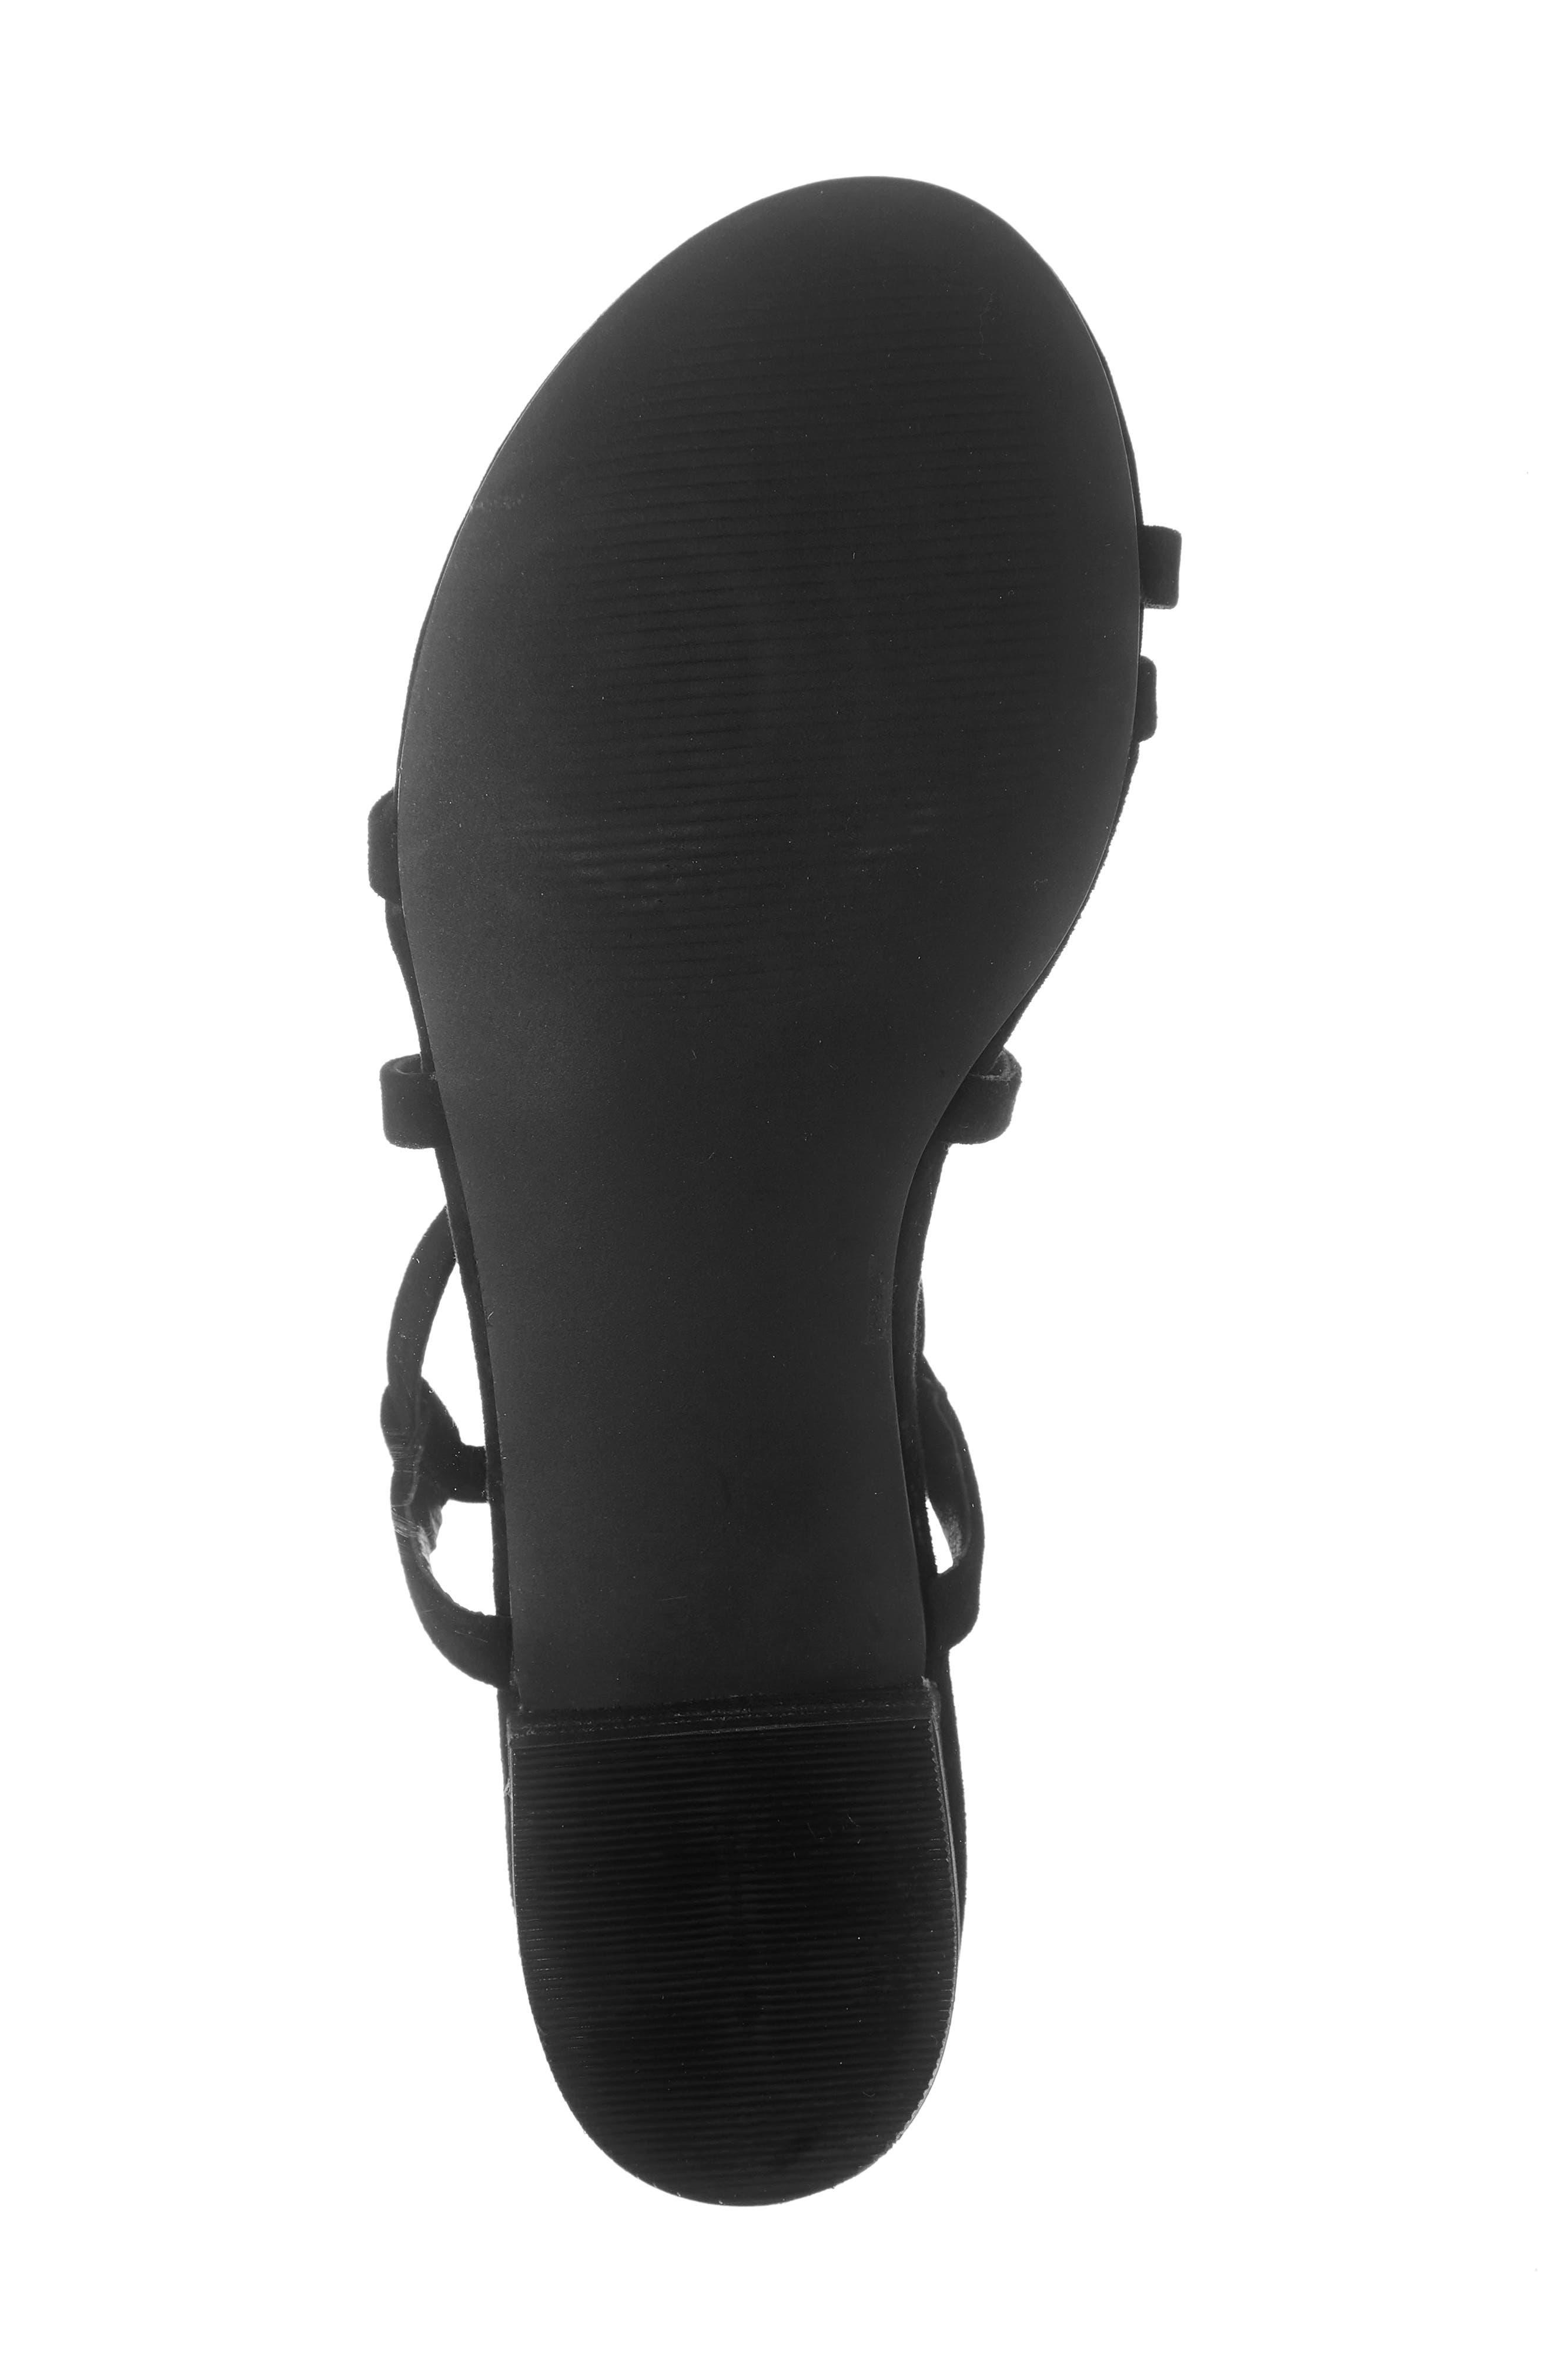 STEVE MADDEN, Adrenaline Lace-Up Sandal, Alternate thumbnail 6, color, BLACK SUEDE